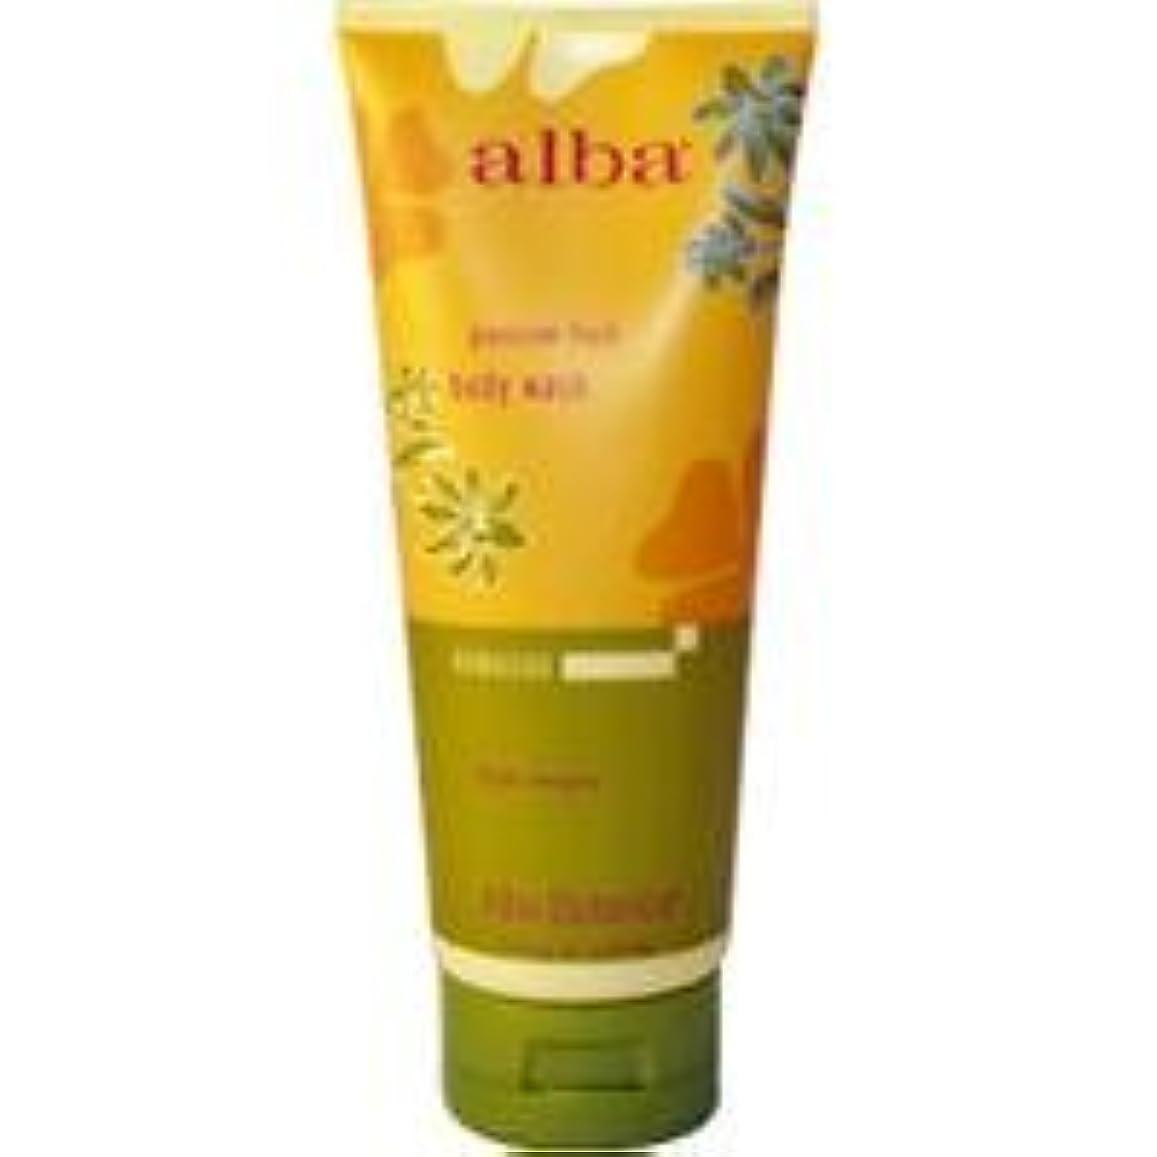 やめる出費科学的Alba - Passion Fruit Body Wash - 7 fl oz (200 ml)~ハワイから直送~